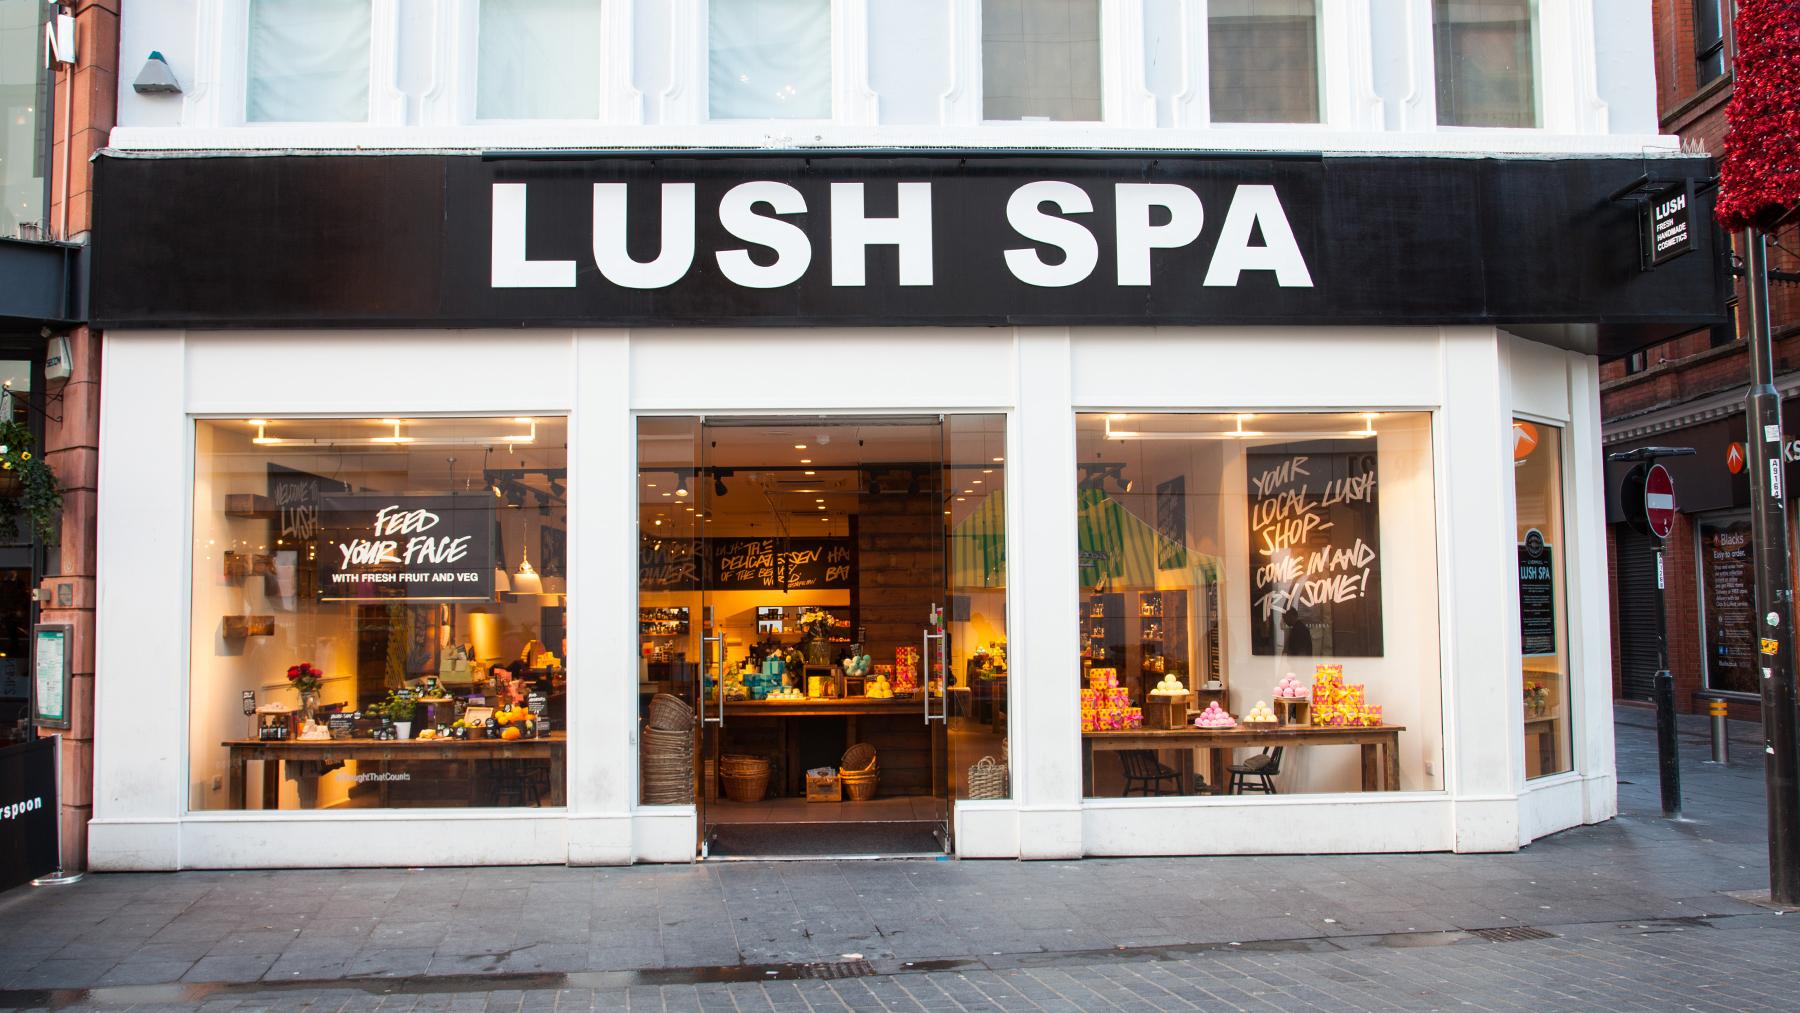 Lush Cosmetics Uk - Image to u